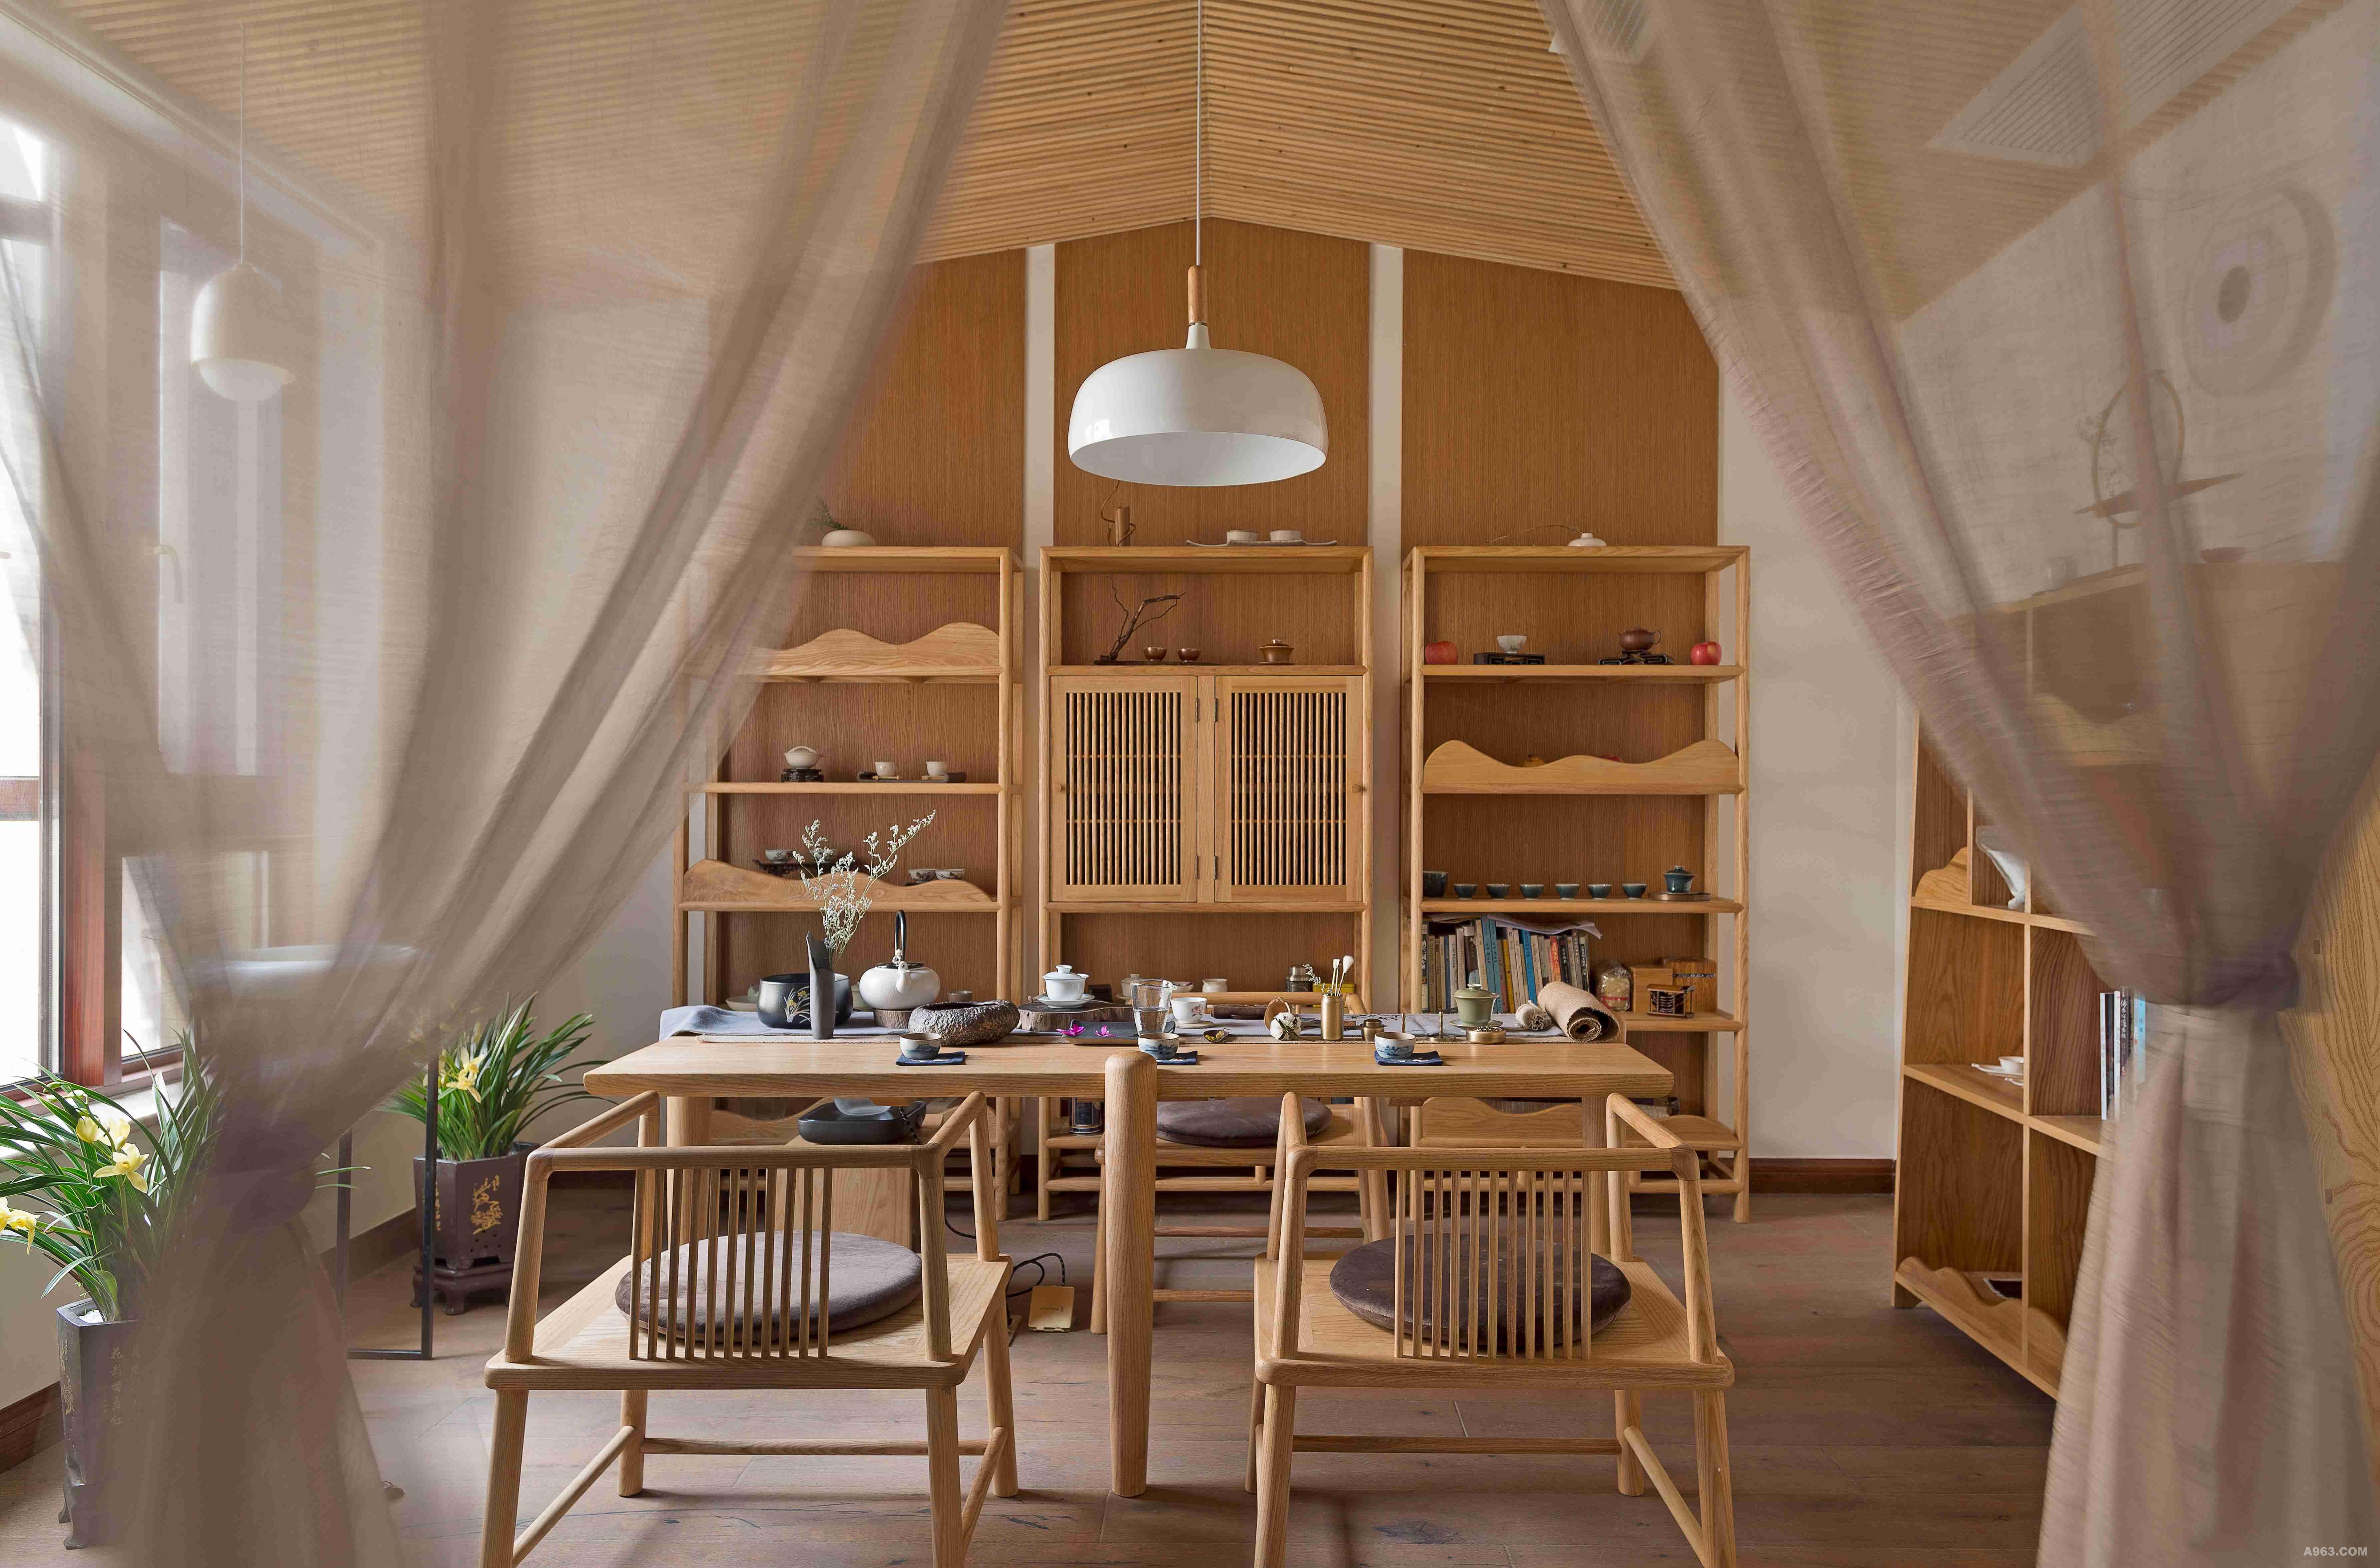 身为书香门第之后,我们将茶室设计的淡雅脱俗,茶味兰香更加沁人心脾.